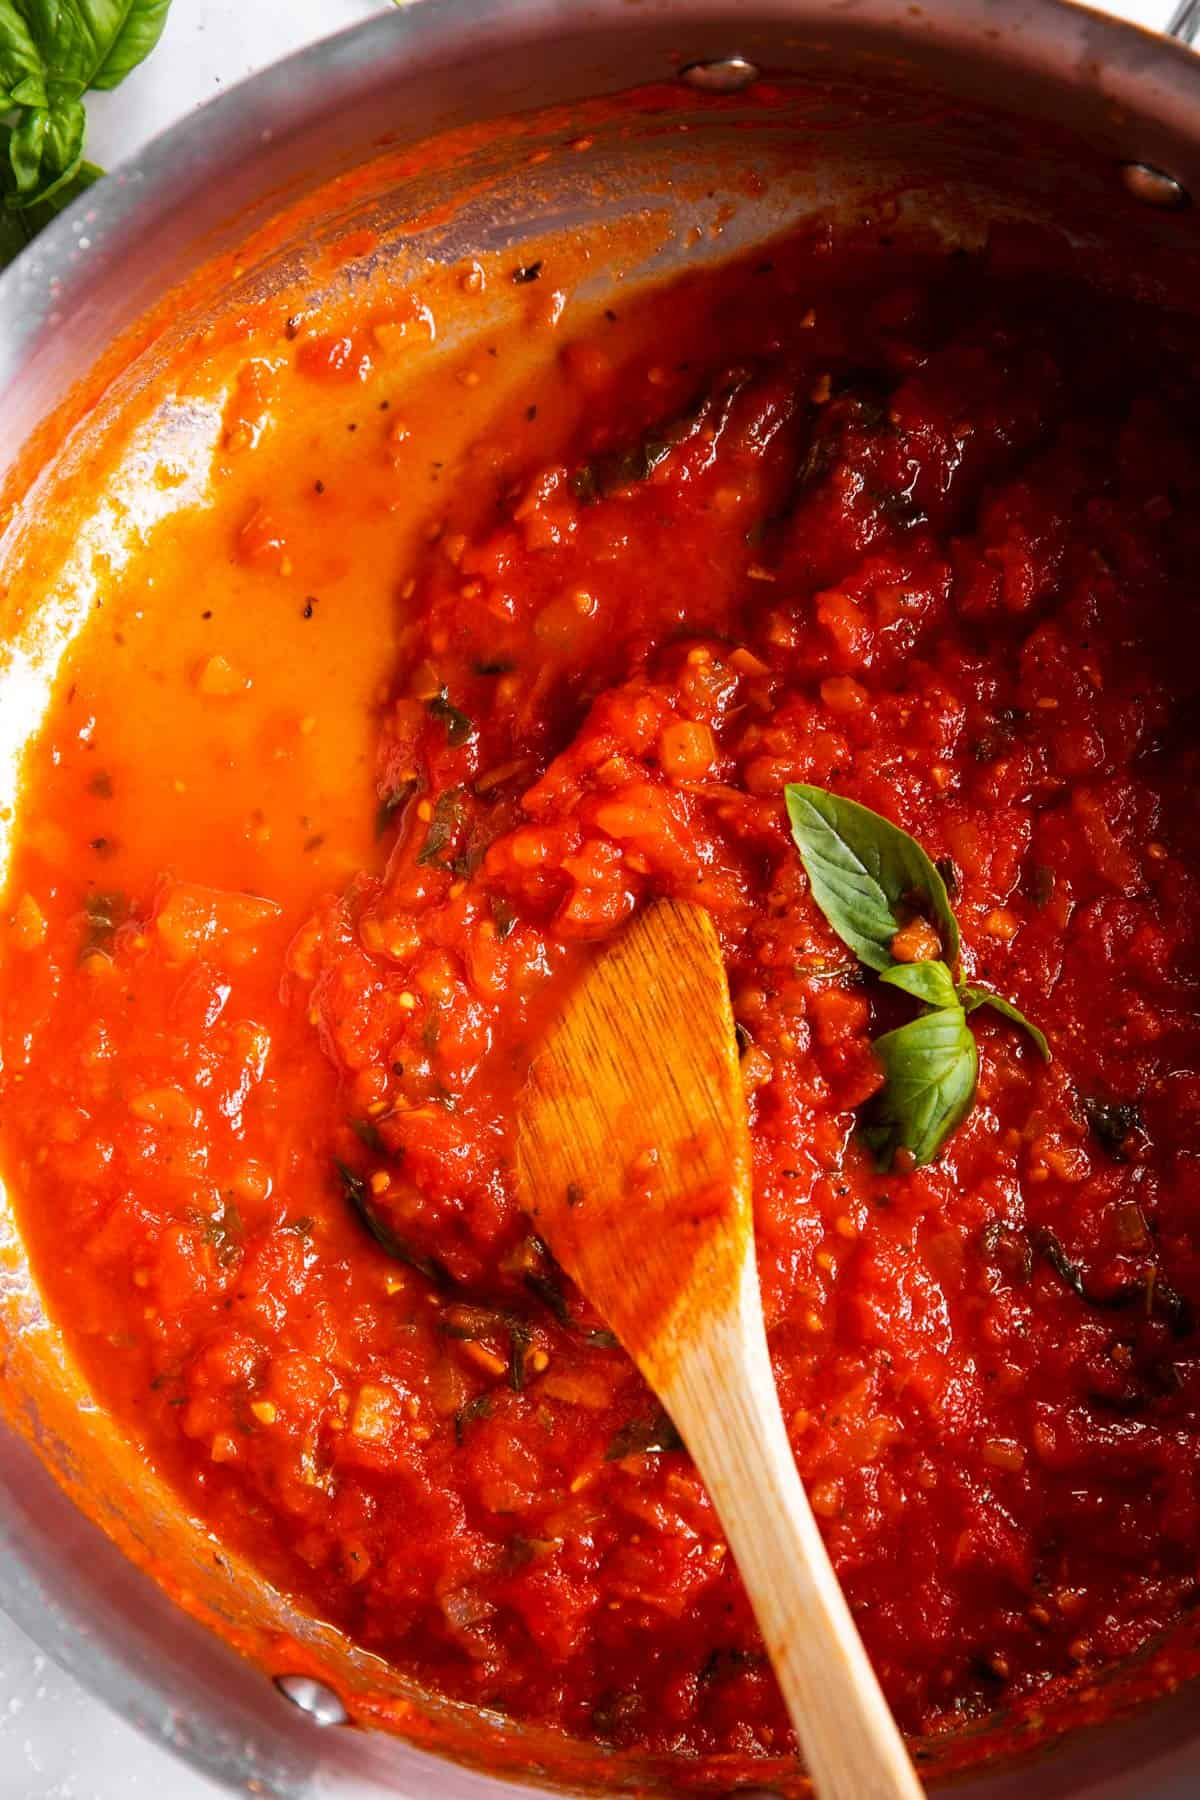 pan with leftover marinara sauce